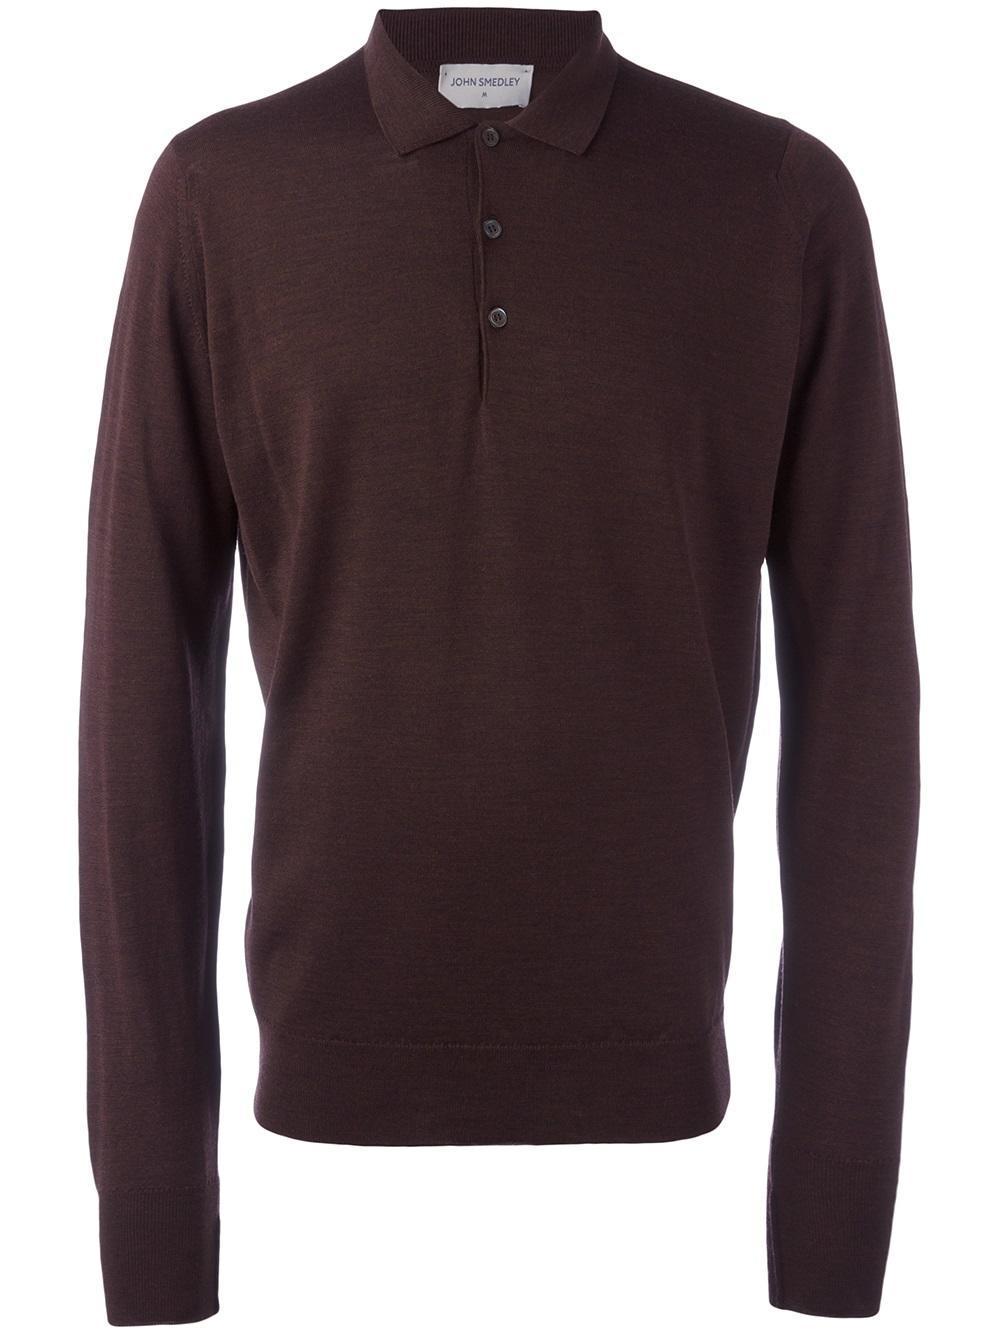 John Smedley Longsleeved Polo Shirt In Brown For Men Lyst